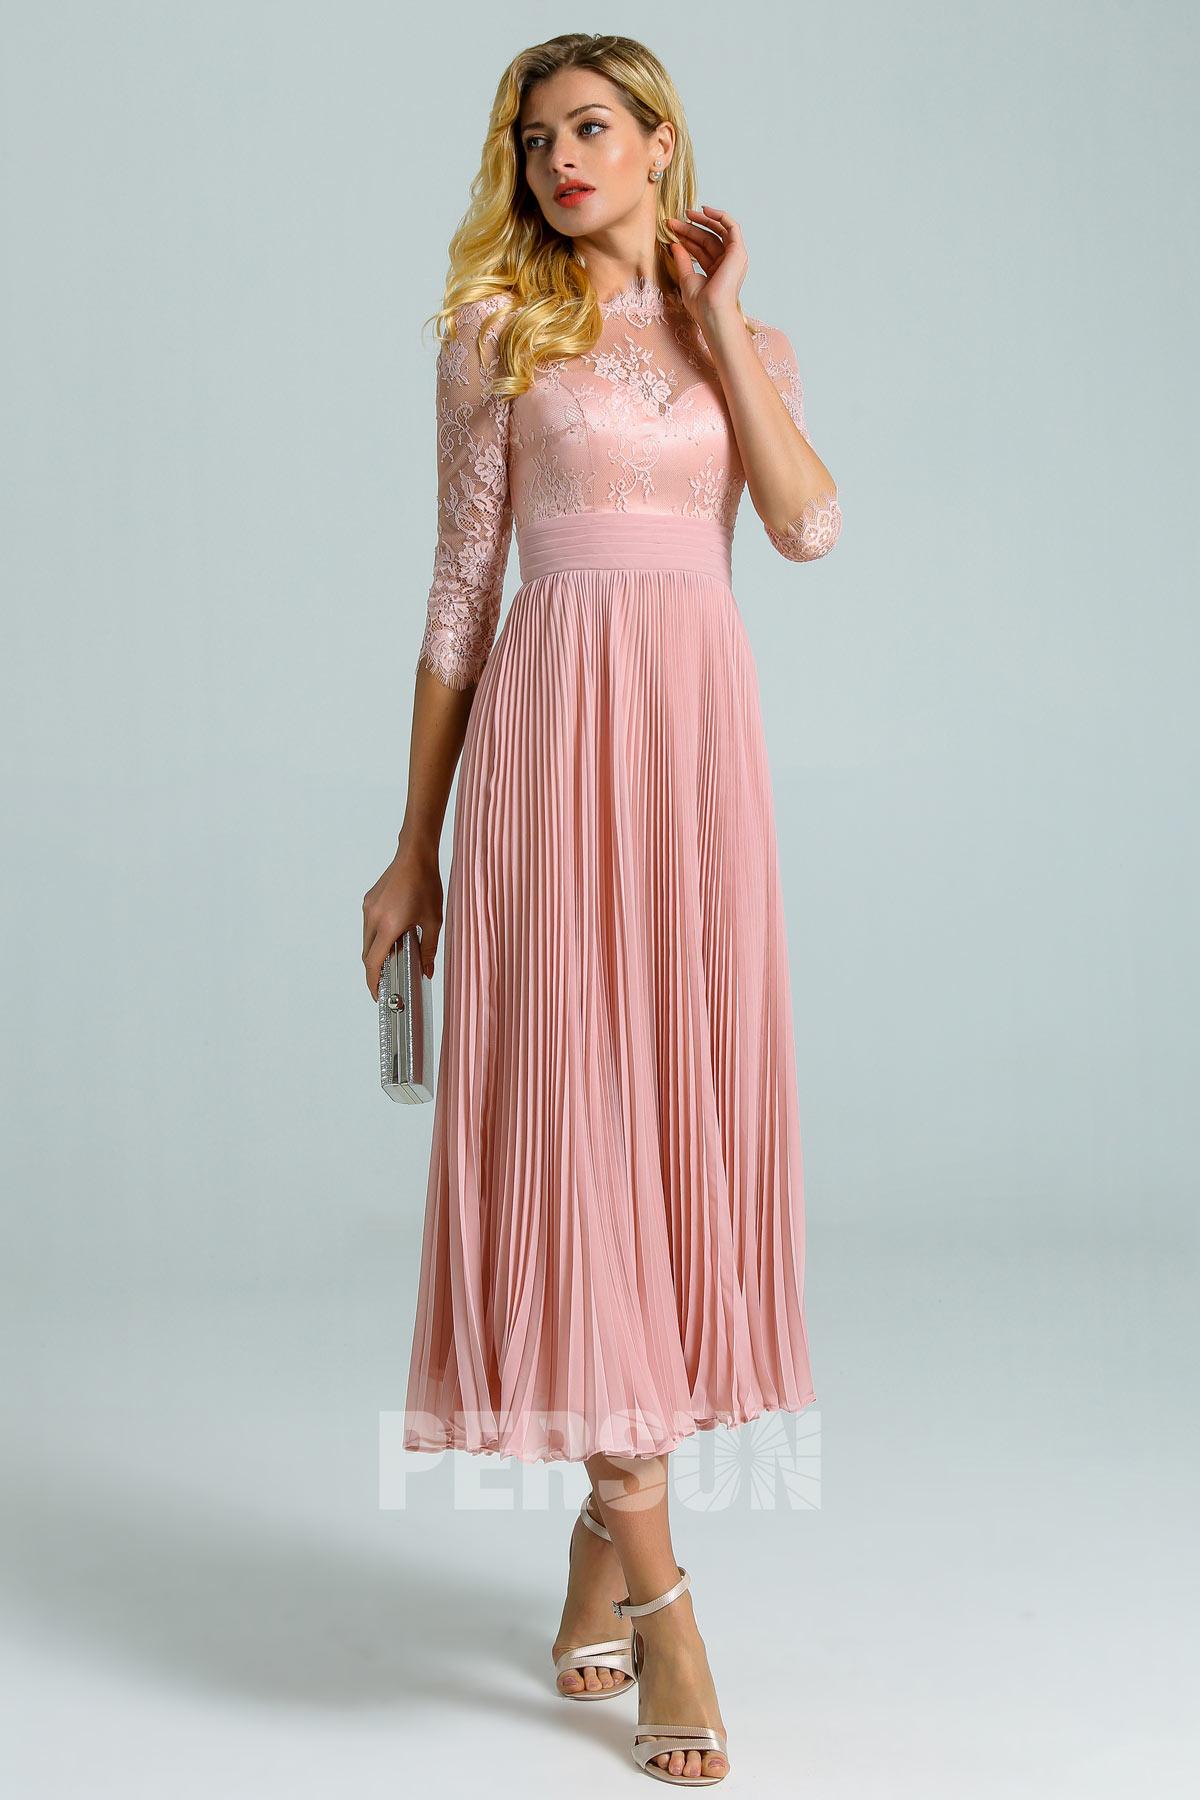 robe mère mariée midi rose chair col feston dentelle avec manche courte et jupe drapé